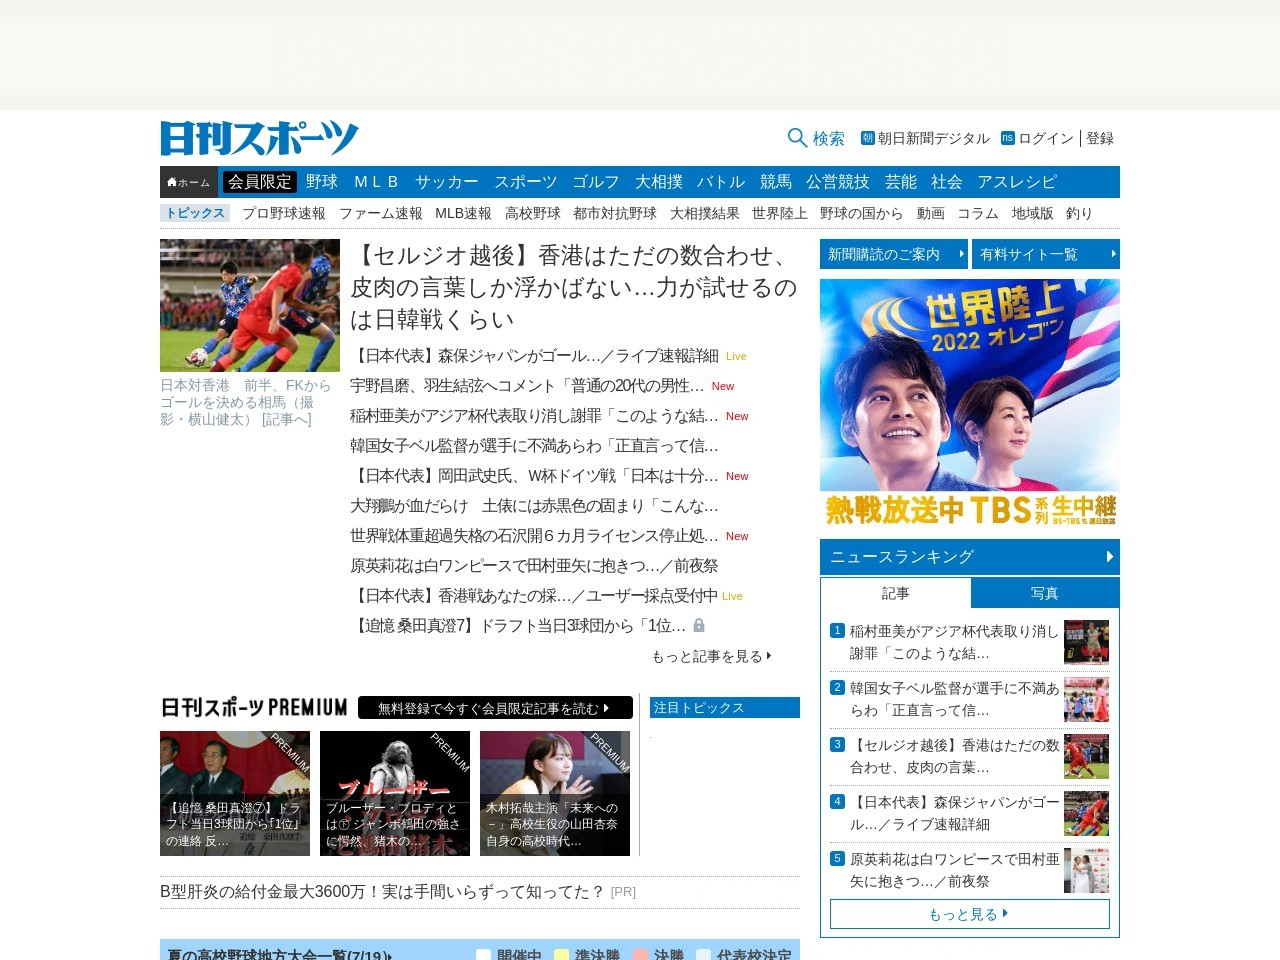 田中圭の人気が半端ない!表紙の雑誌が発売前重版